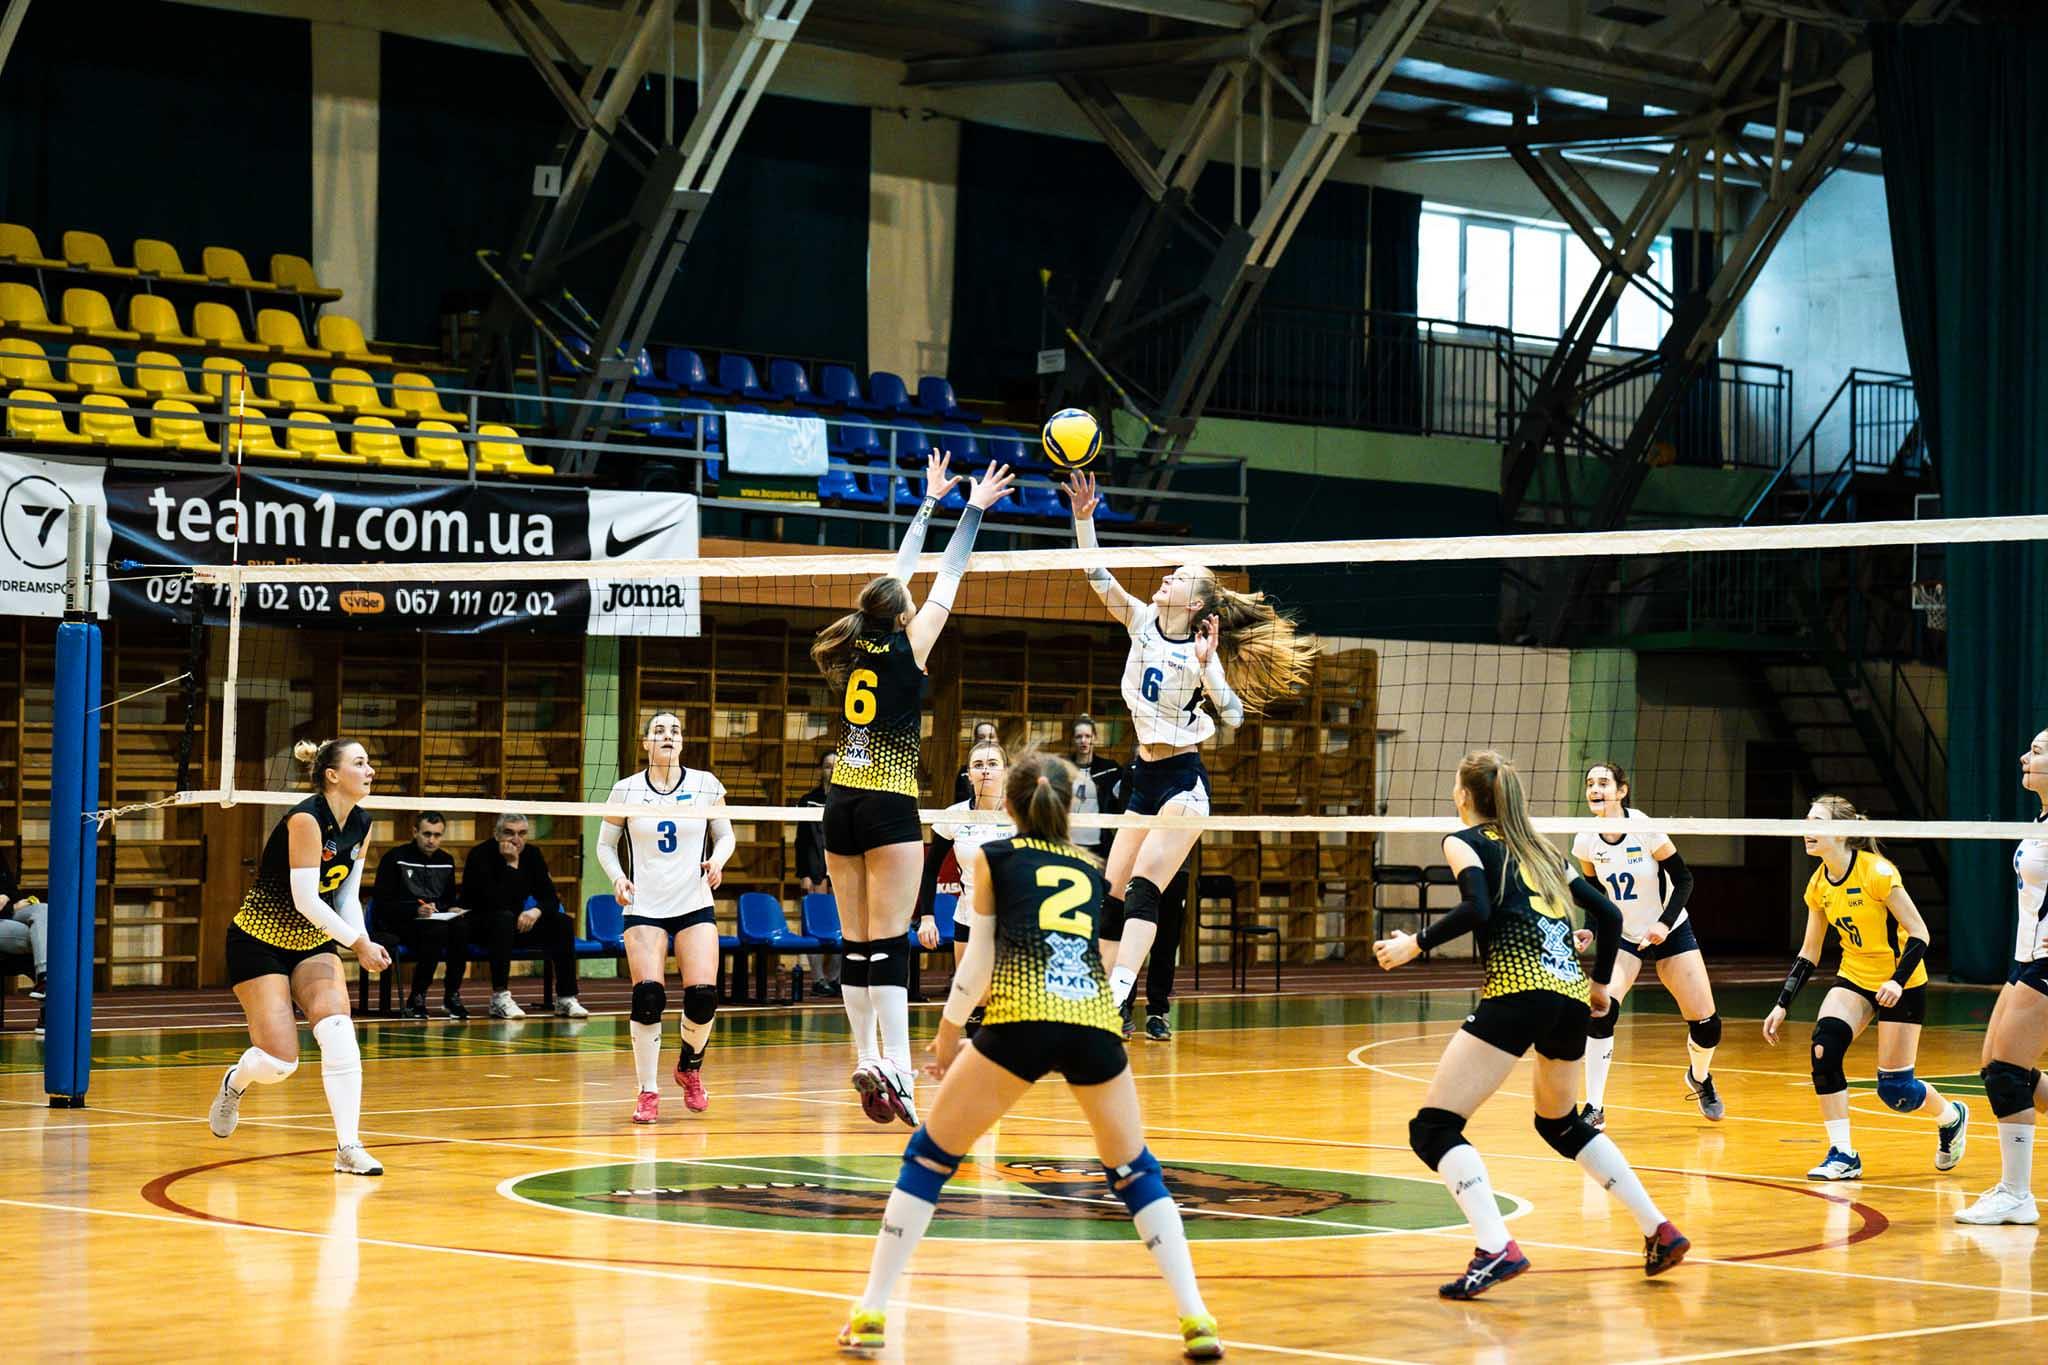 Франківські волейболістки здобули дві впевнені перемоги над командами з Хмельницького та Вінниці (ФОТО)